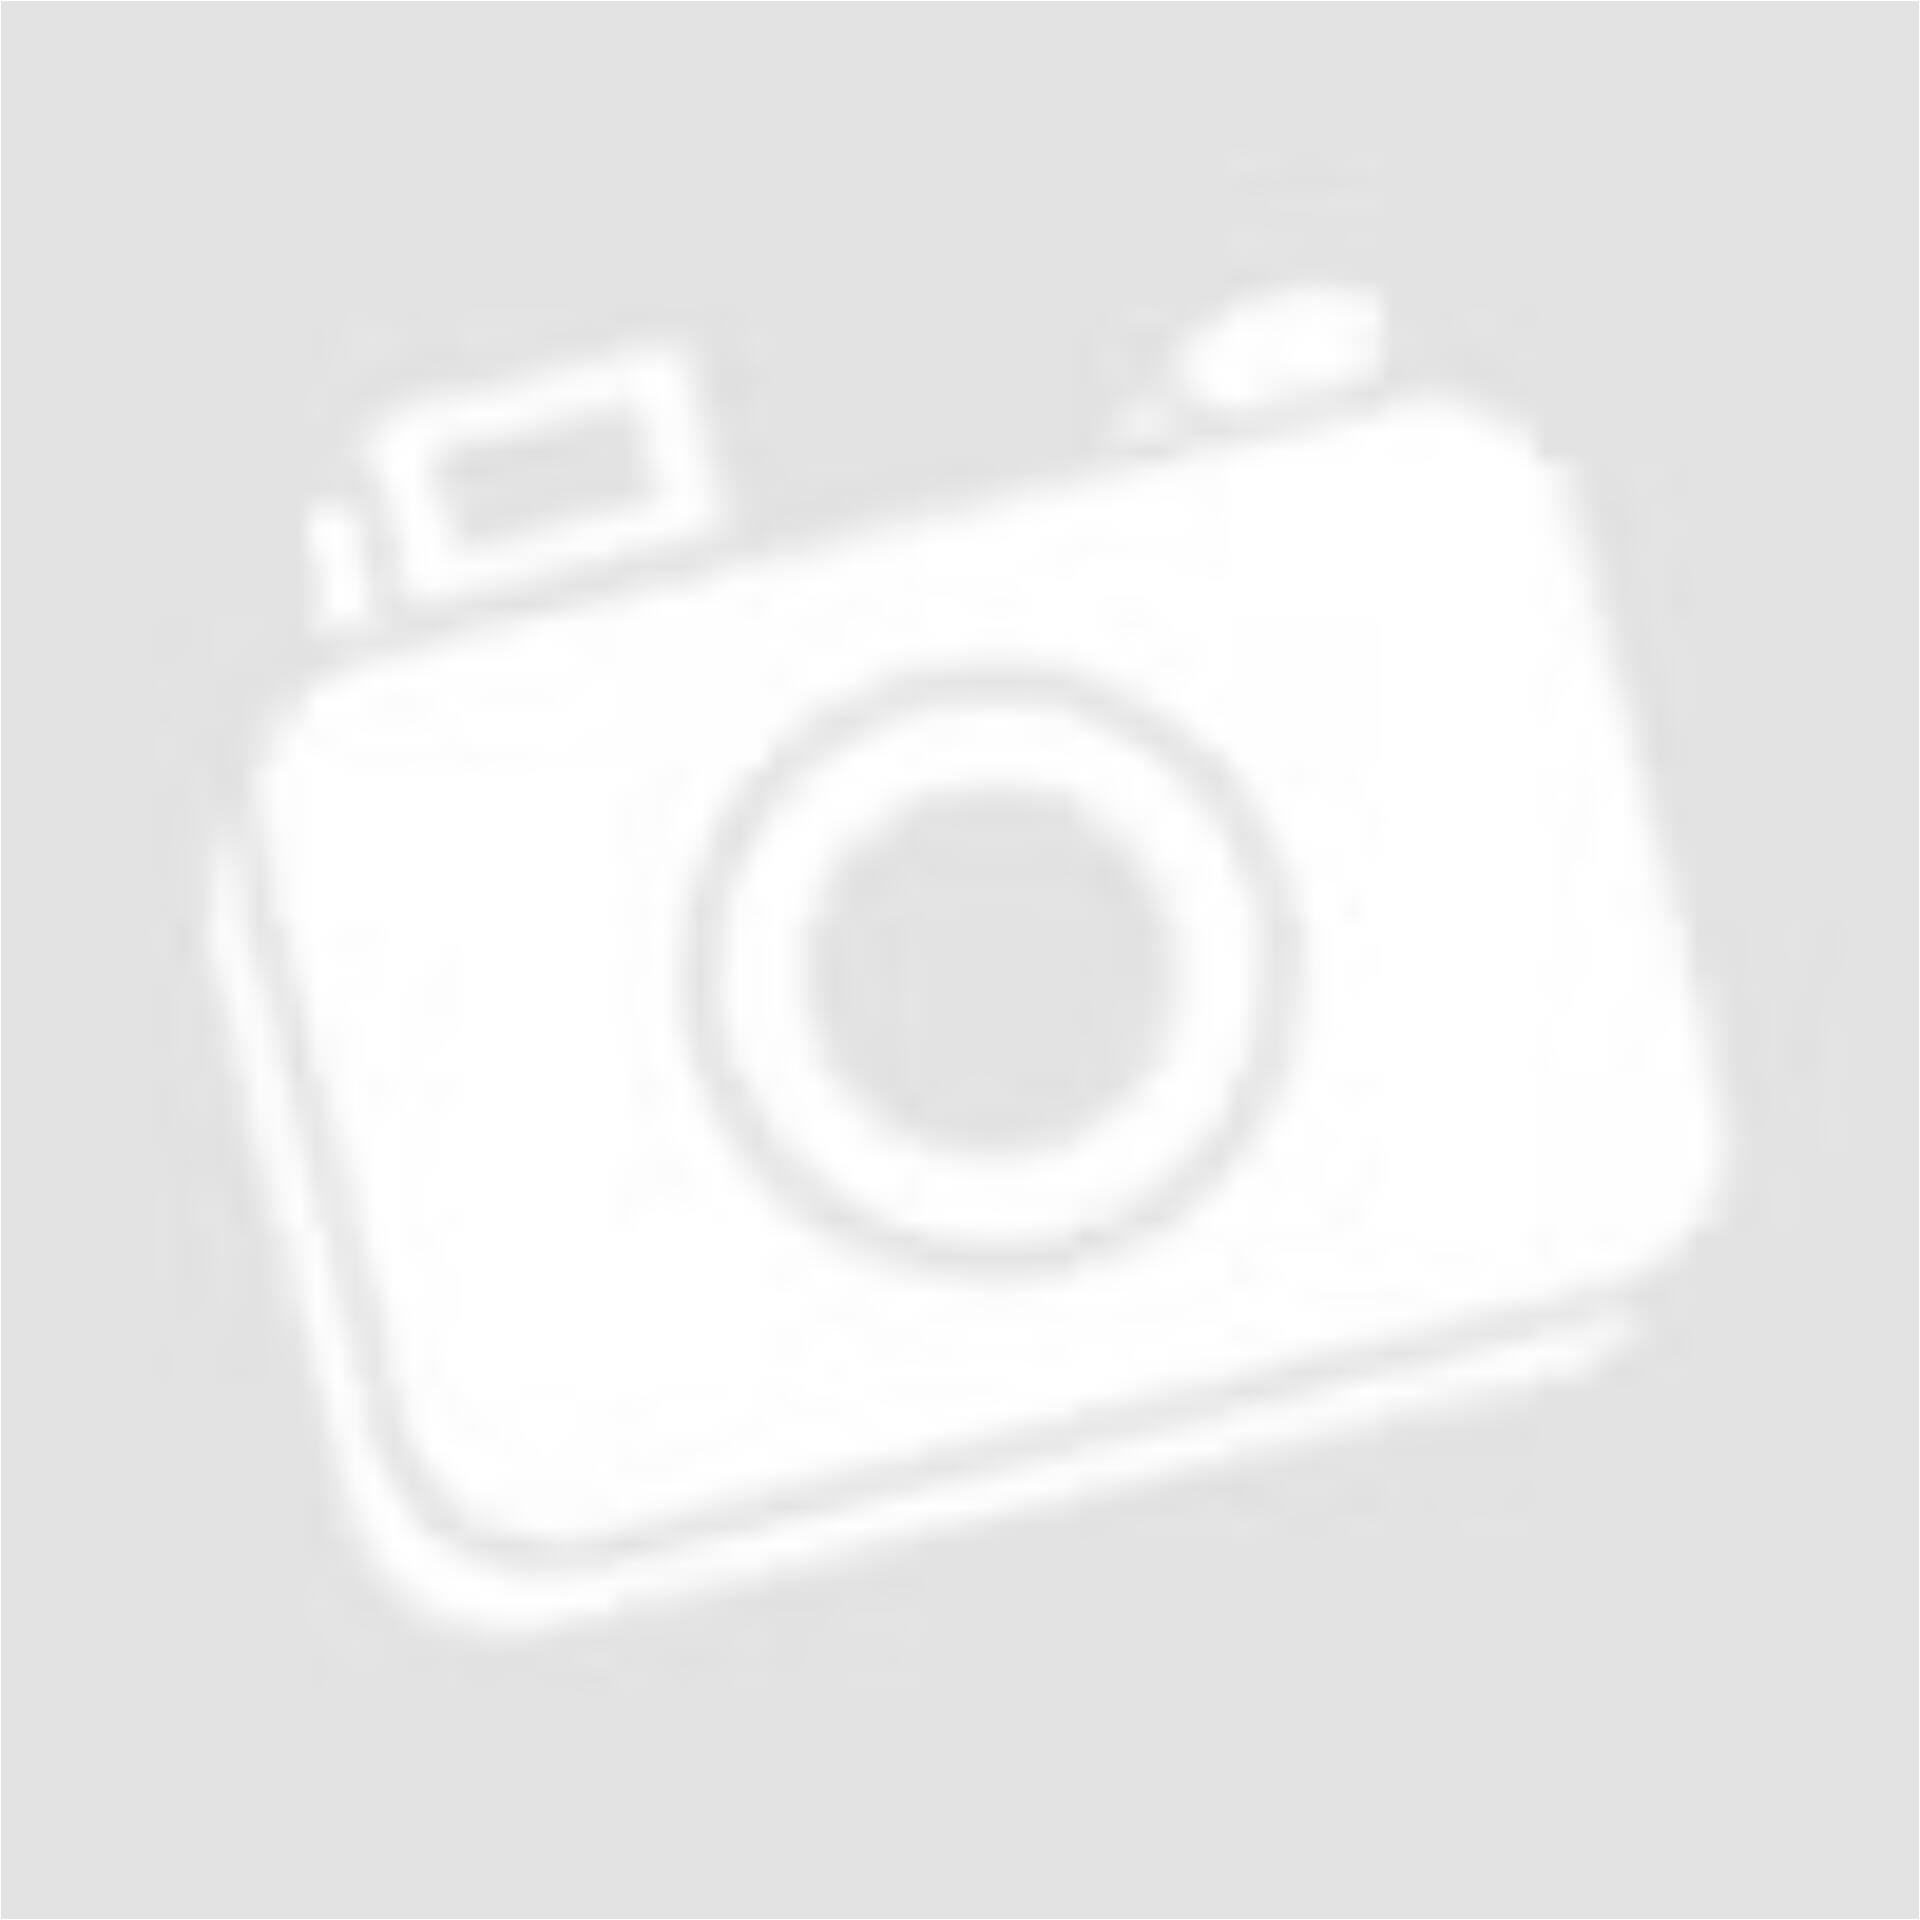 765d320fdf H&M fekete pulóver (Méret: M) - Női pulóver, kardigán, boleró ...